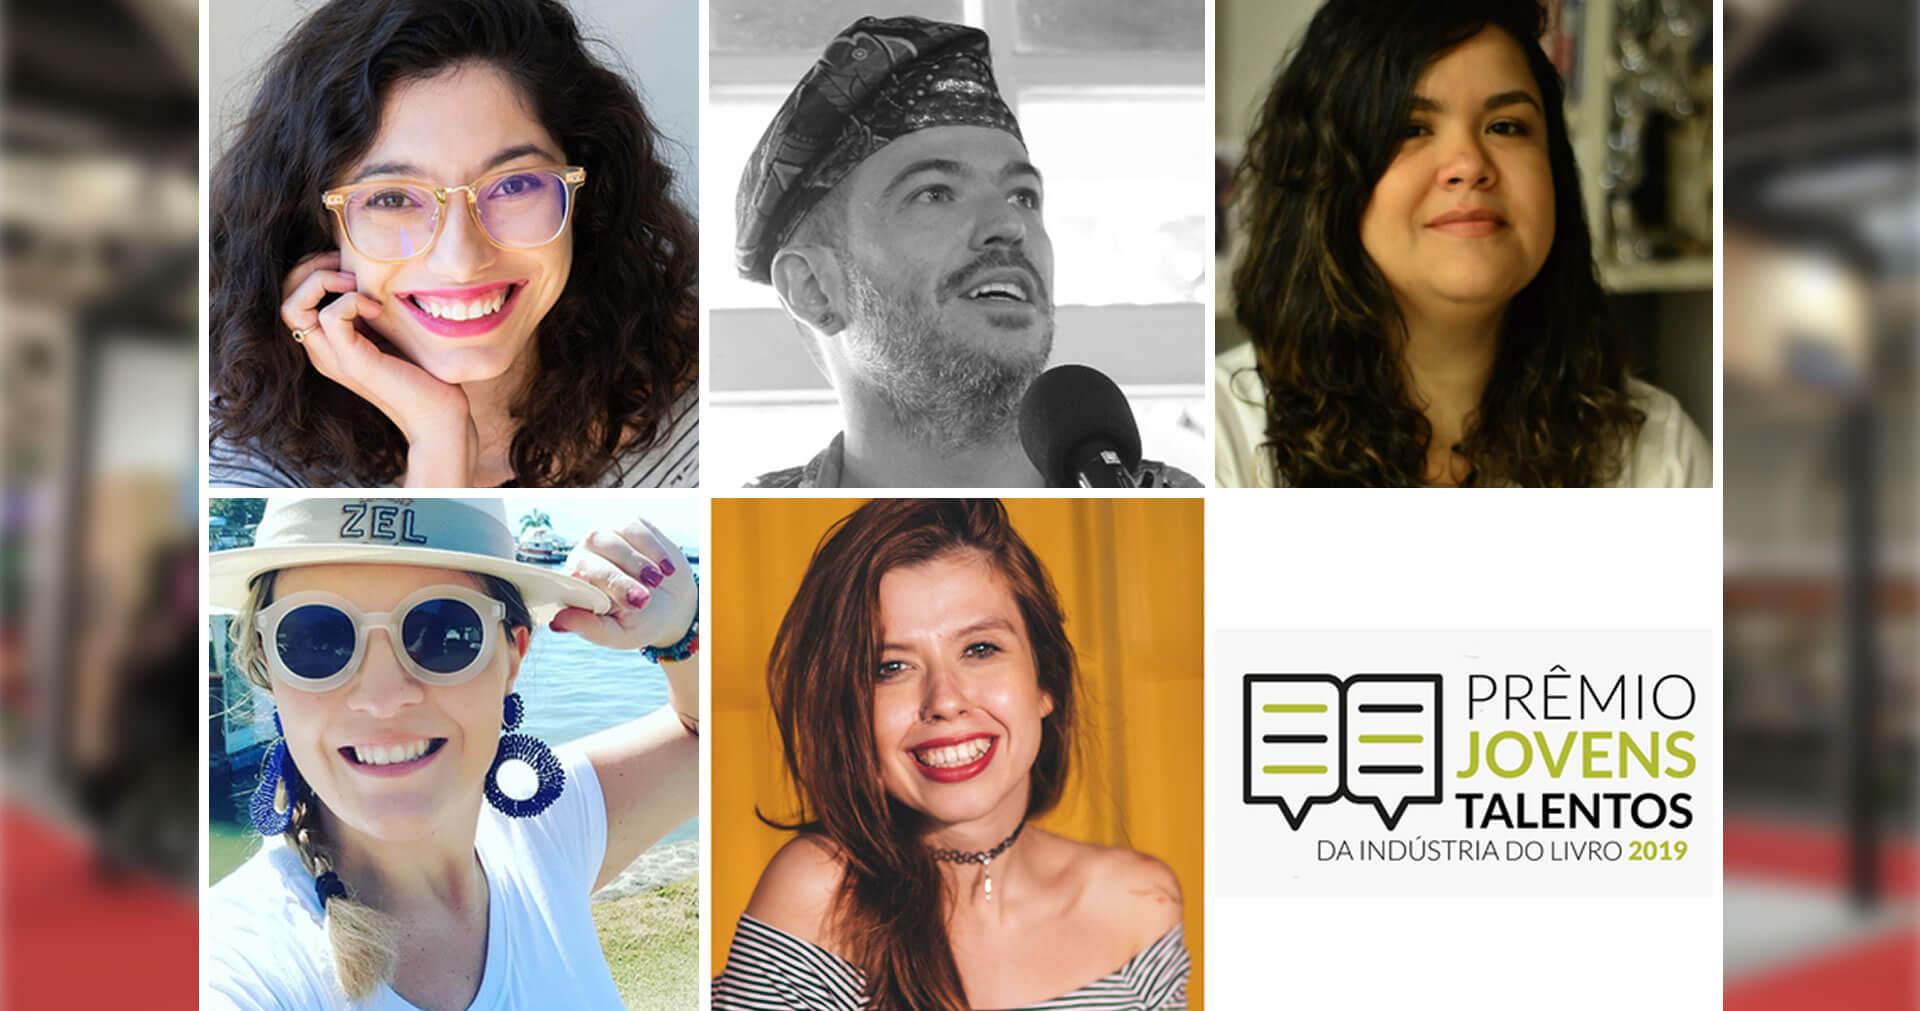 Clipping | Diego de Oxóssi ganha o prêmio Jovens Talentos PublishNews